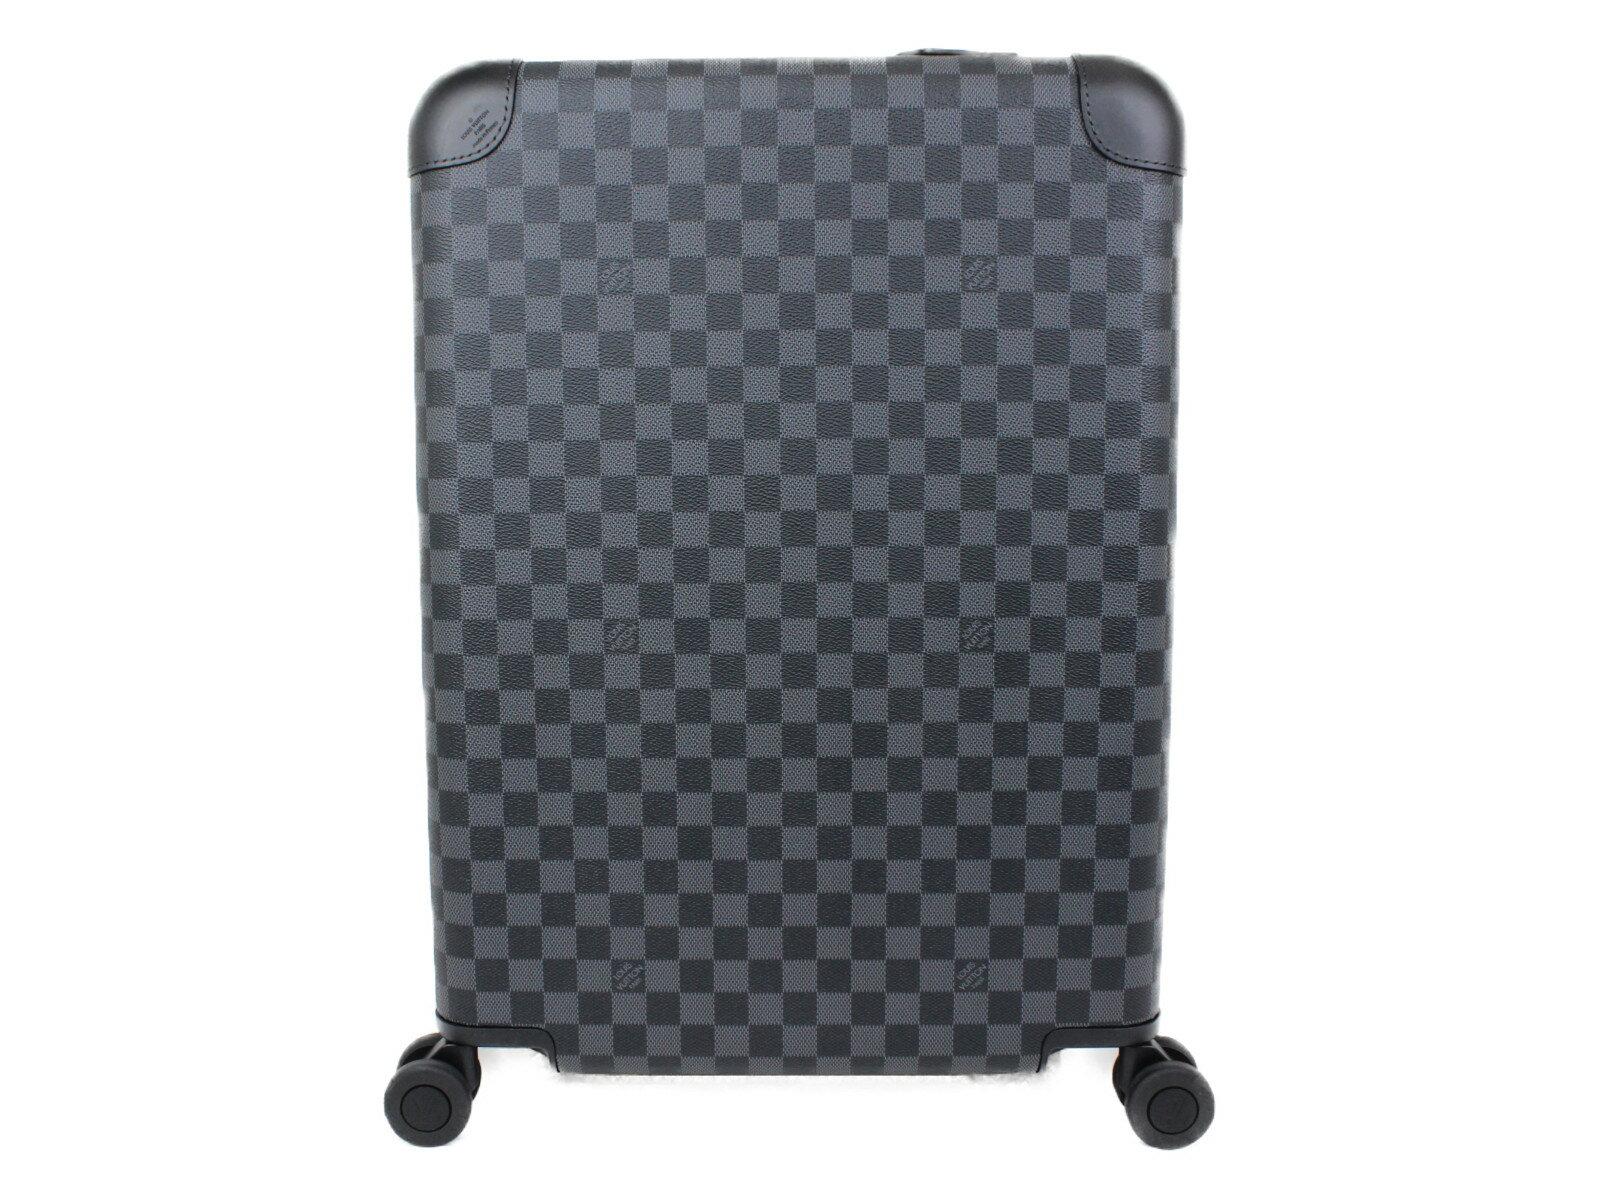 LOUIS VUITTON ホライゾン55 N23209 ダミエ・グラフィット ダミエ・キャンバス レディース メンズ ユニセックス スーツケース キャリーケース 旅行鞄 プレゼント包装可【中古品】